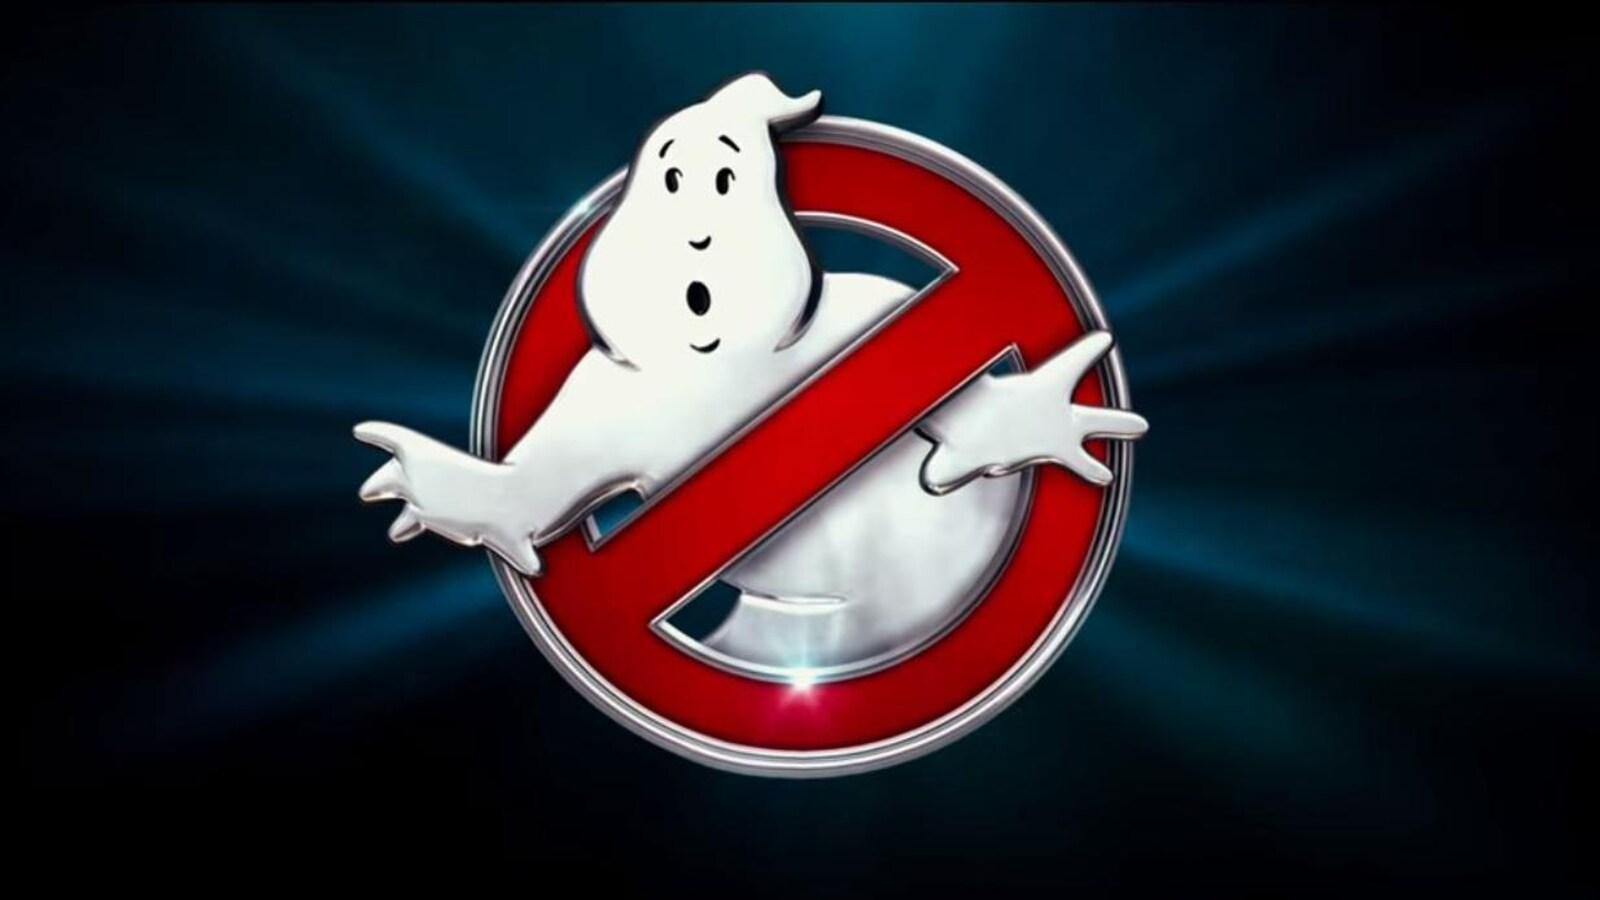 [Jeu] Suite d'images !  - Page 5 Ghostbusters-sos-fantomes-ivan-jason-reitman